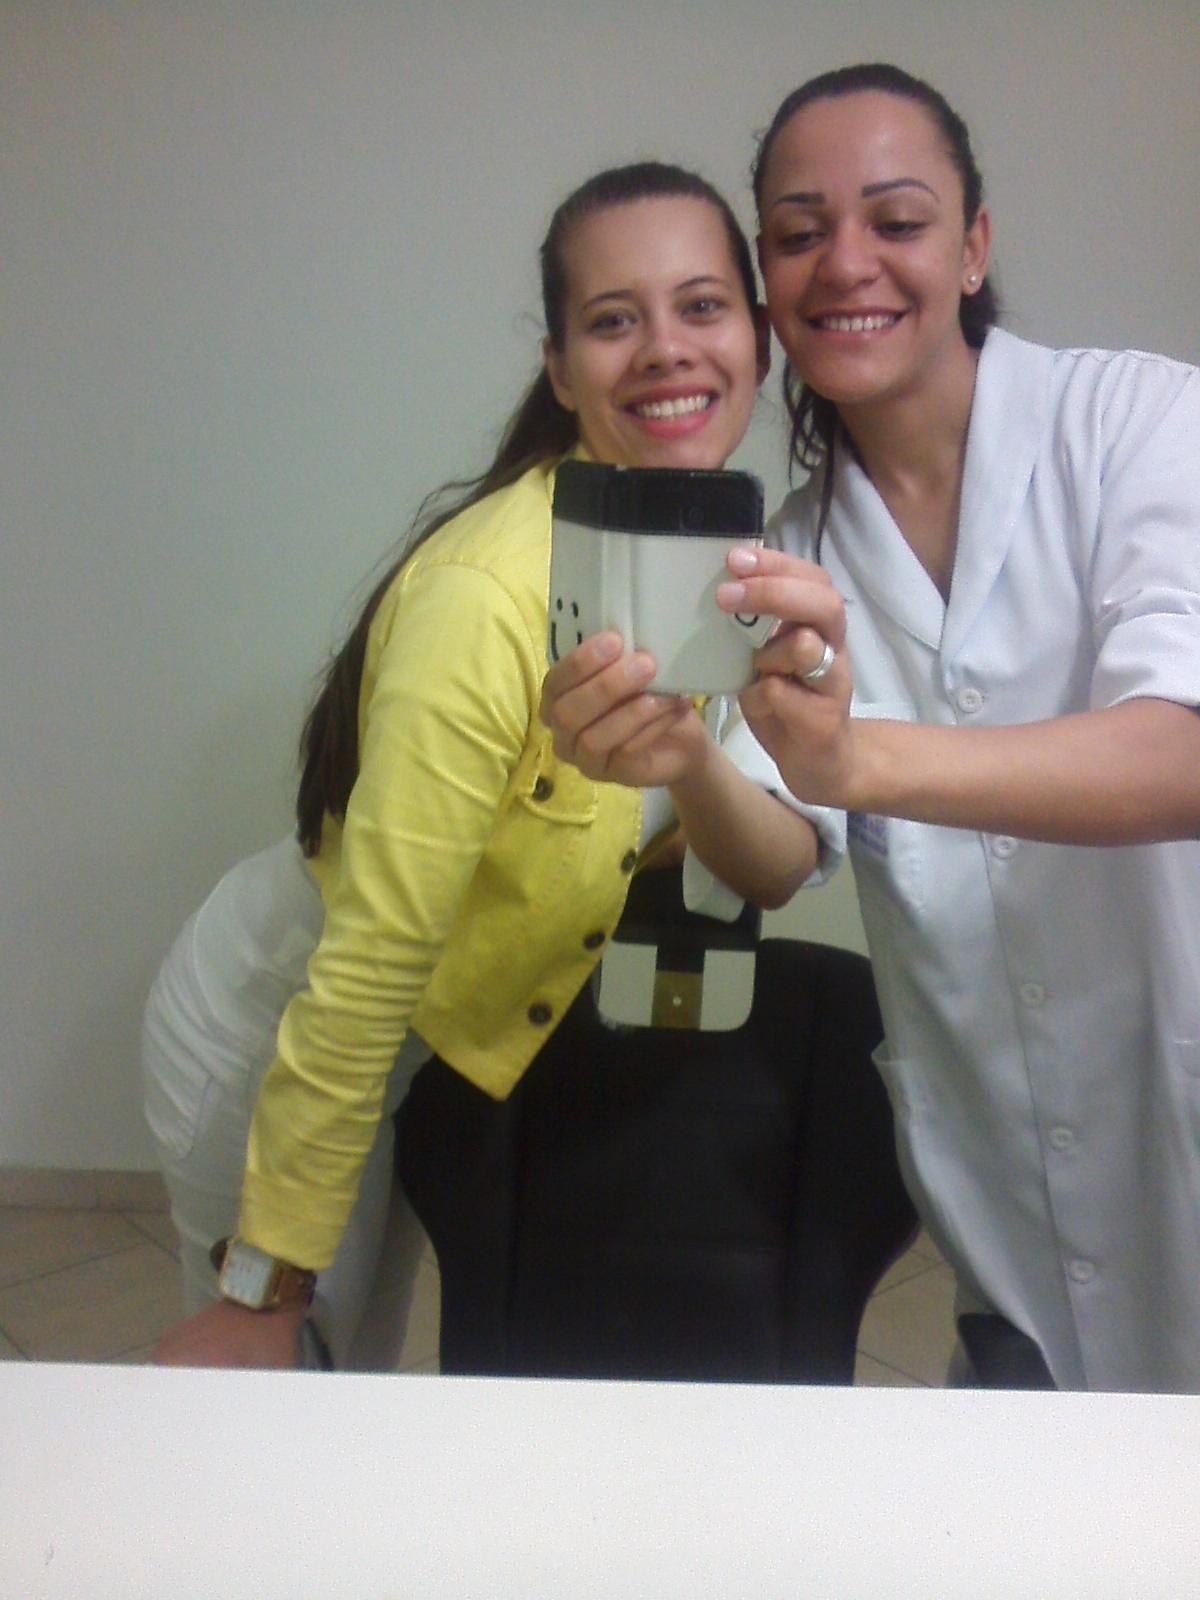 Estágio Essa foto foi tirada quando fomos realizar um dia de estágio na clínica da professora. esteticista